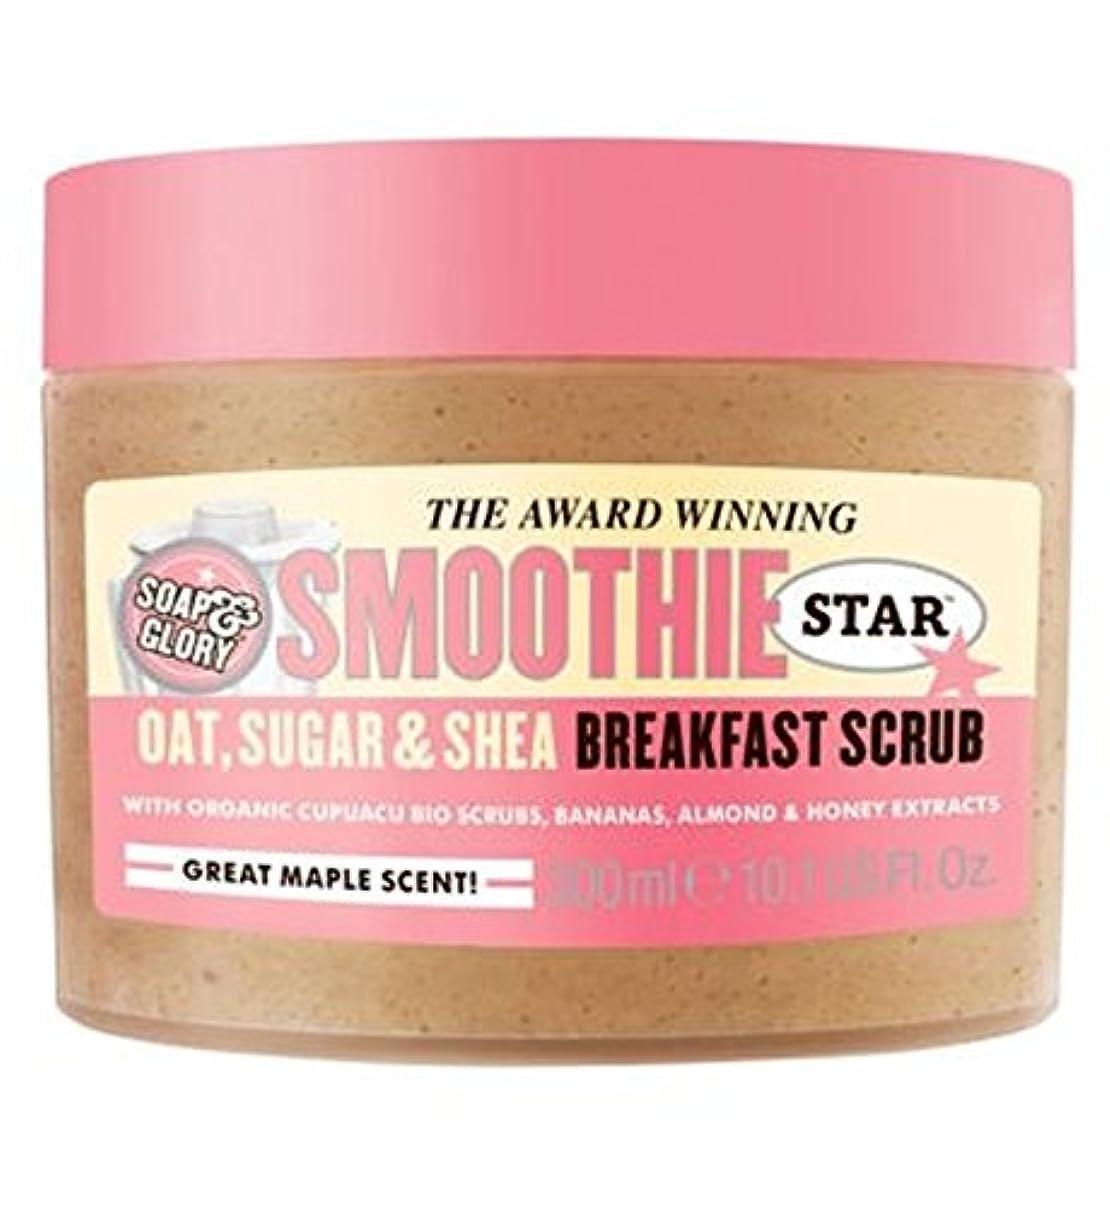 清める無許可サバント石鹸&栄光スムージースター朝食スクラブ300ミリリットル (Soap & Glory) (x2) - Soap & Glory Smoothie Star Breakfast Scrub 300ml (Pack of 2) [並行輸入品]